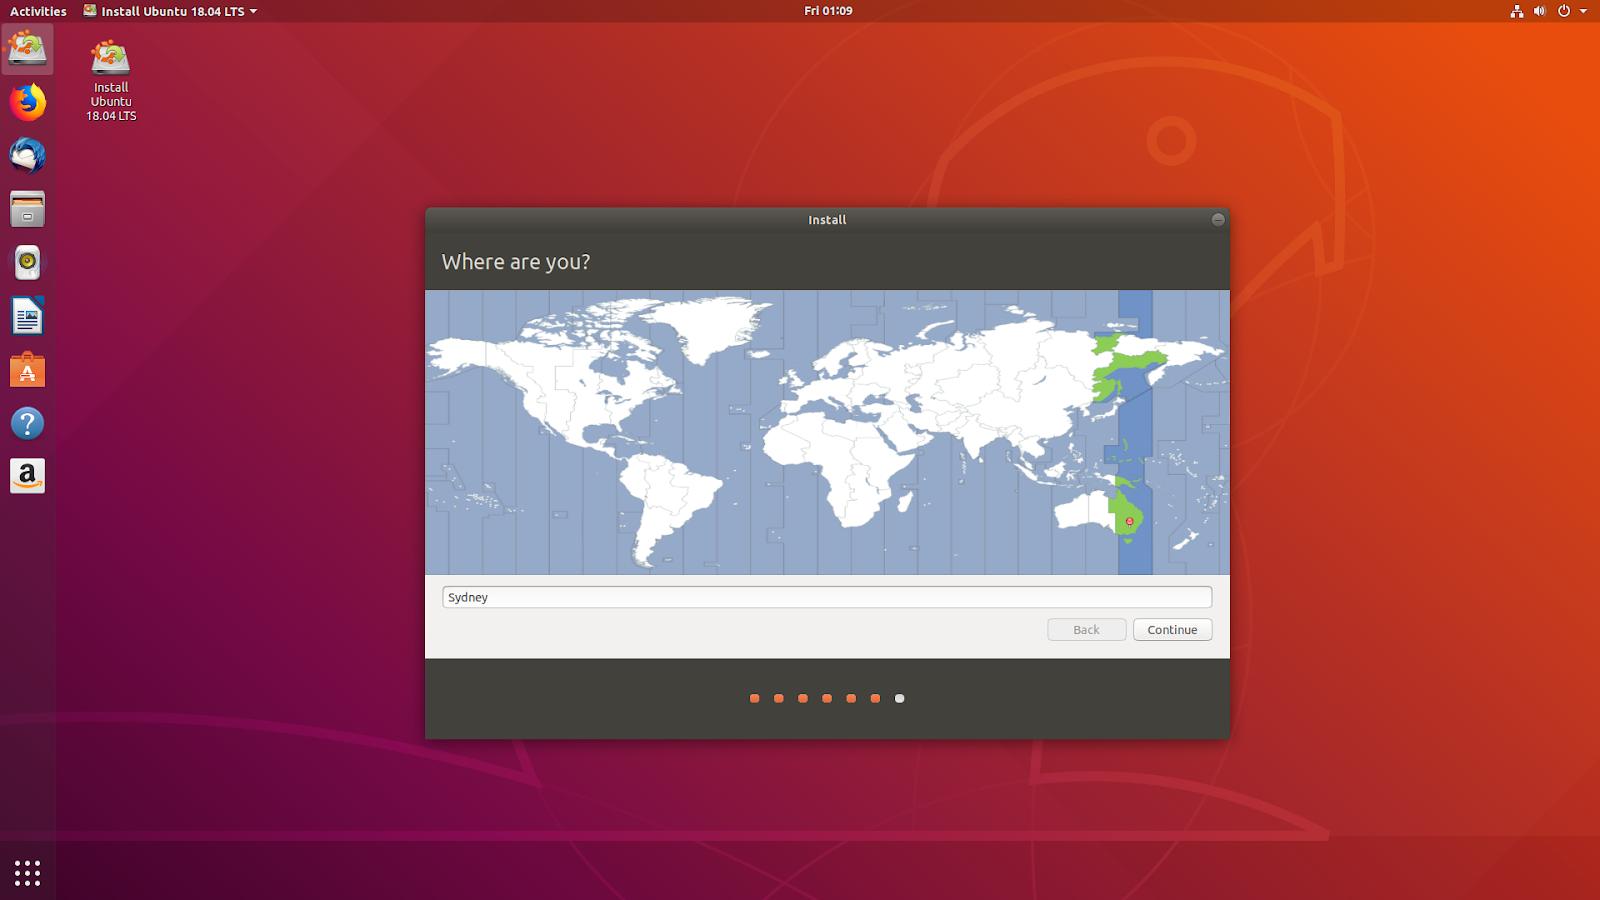 linuxium com au: Installing Ubuntu on a new device (i e  single boot)